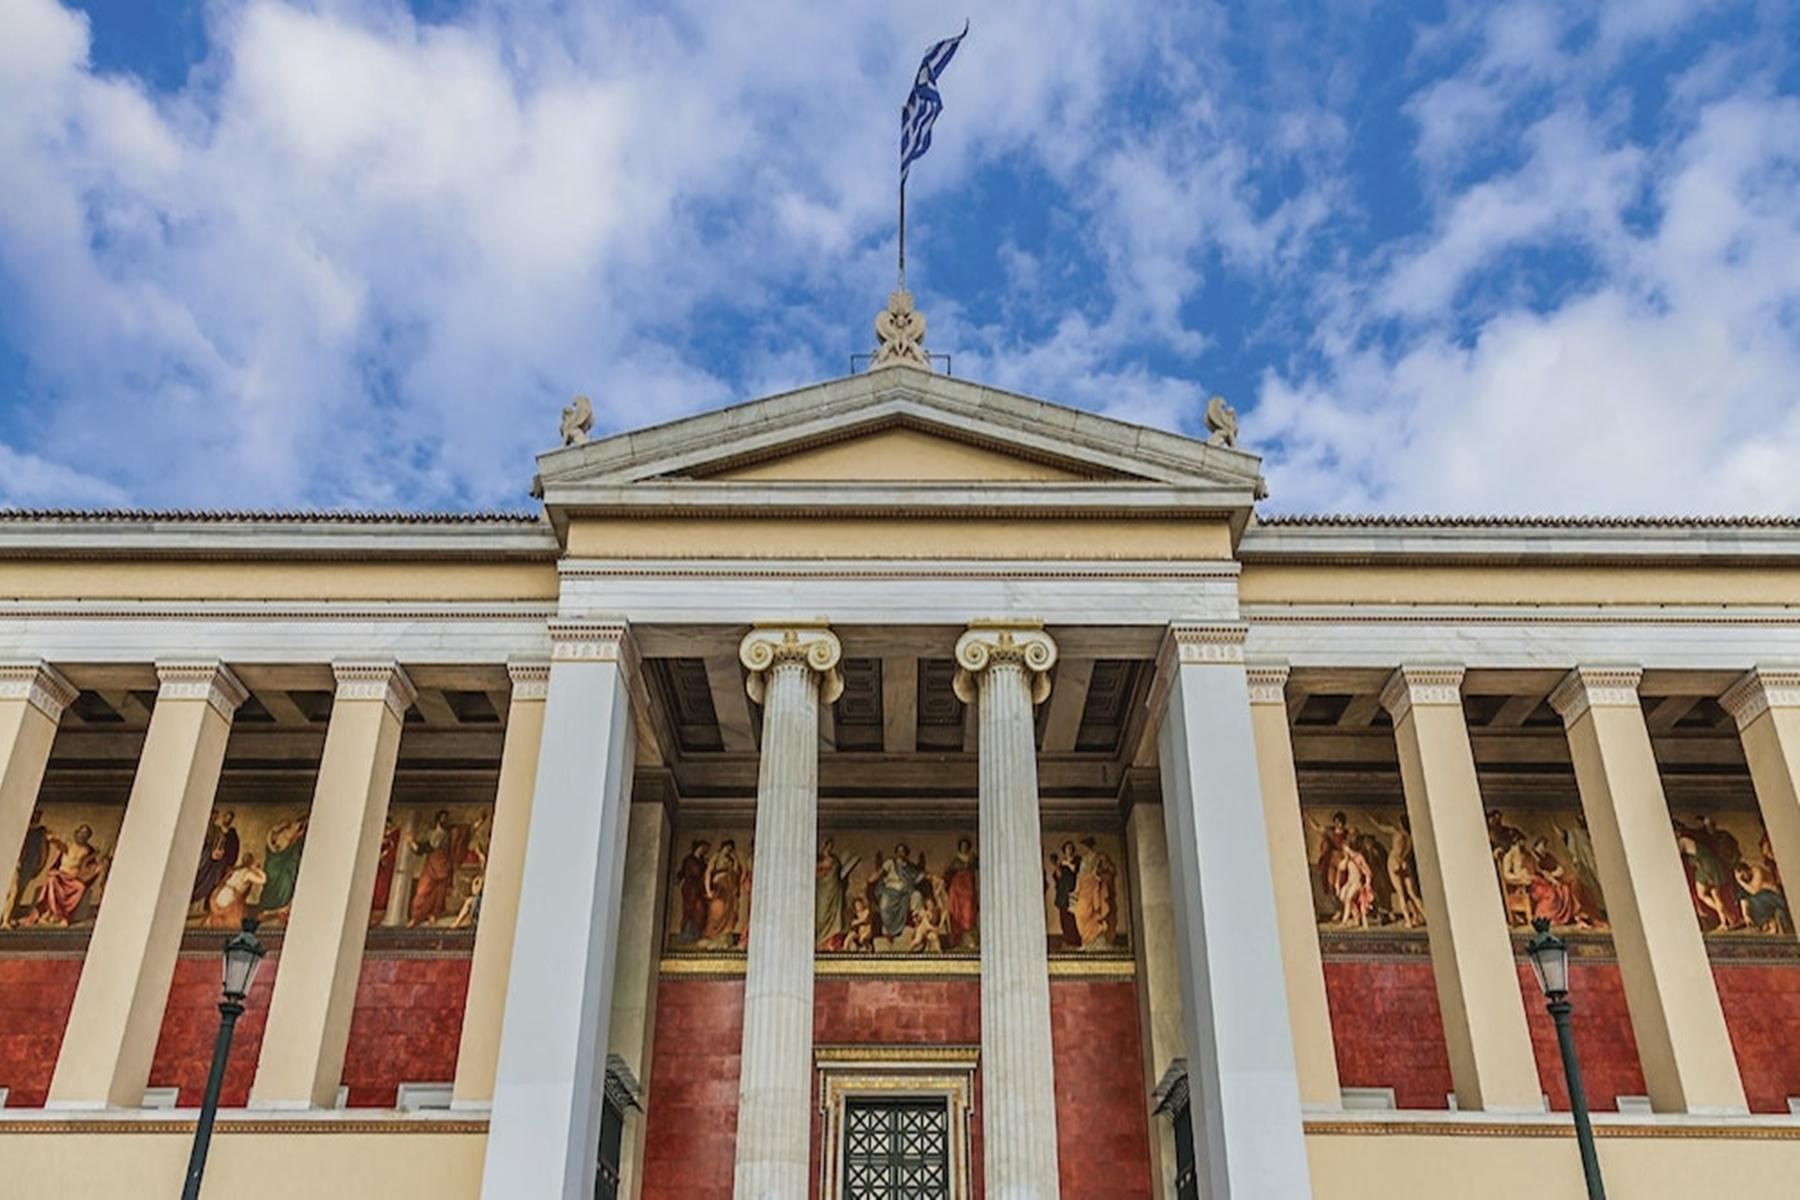 ΕΚΠΑ : Τρομερή διάκριση σε 8 τμήματα του ιδρύματος